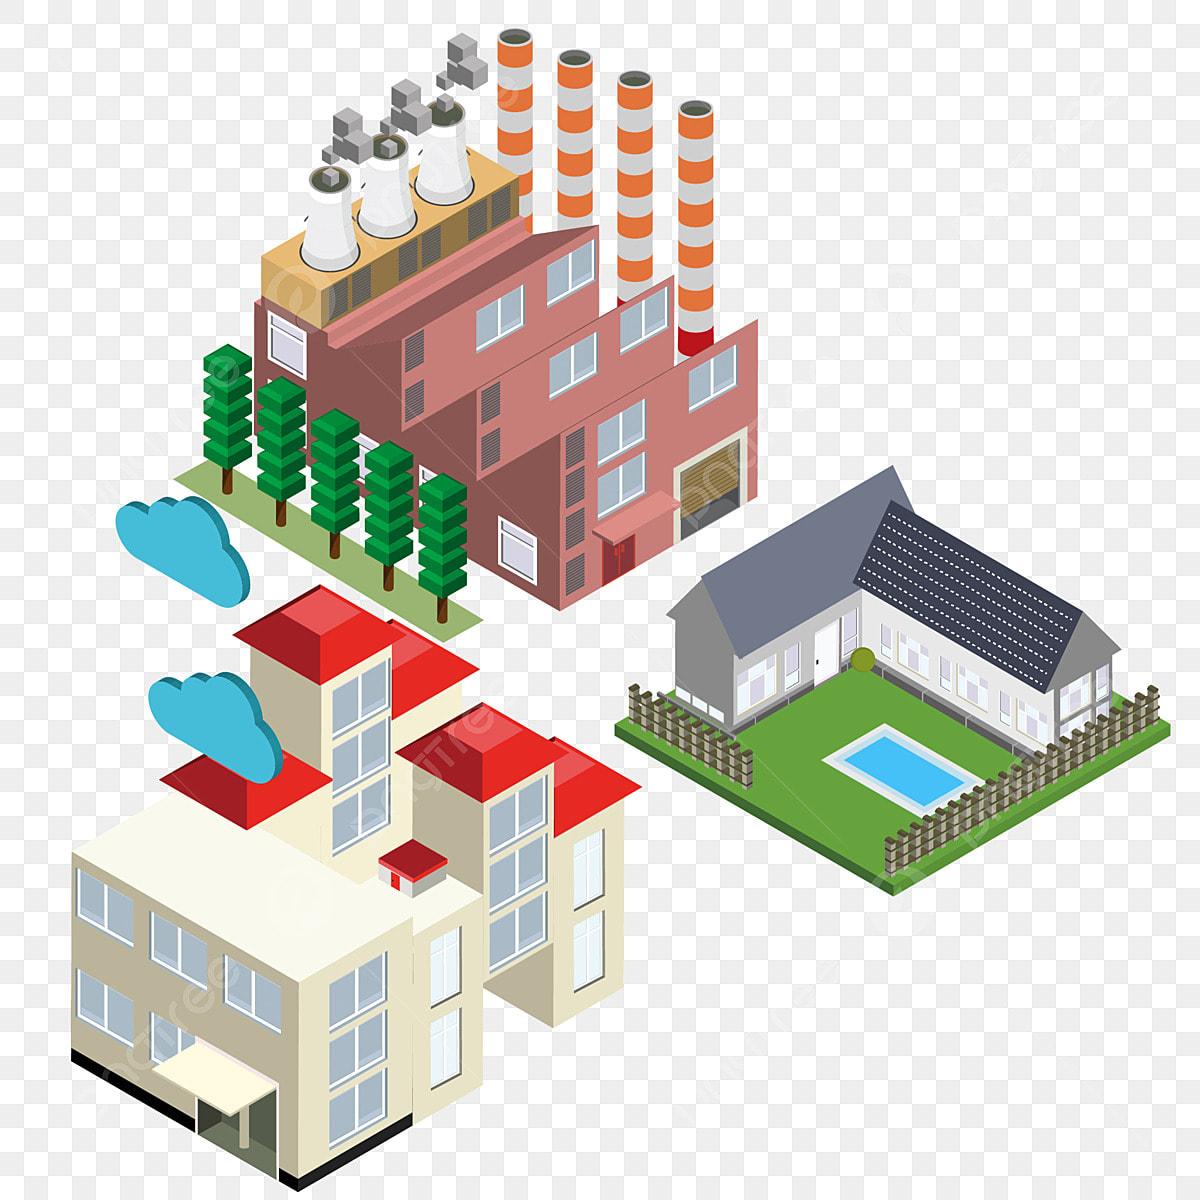 pngtree 3d illustration of 2 5d city building png image 4368529